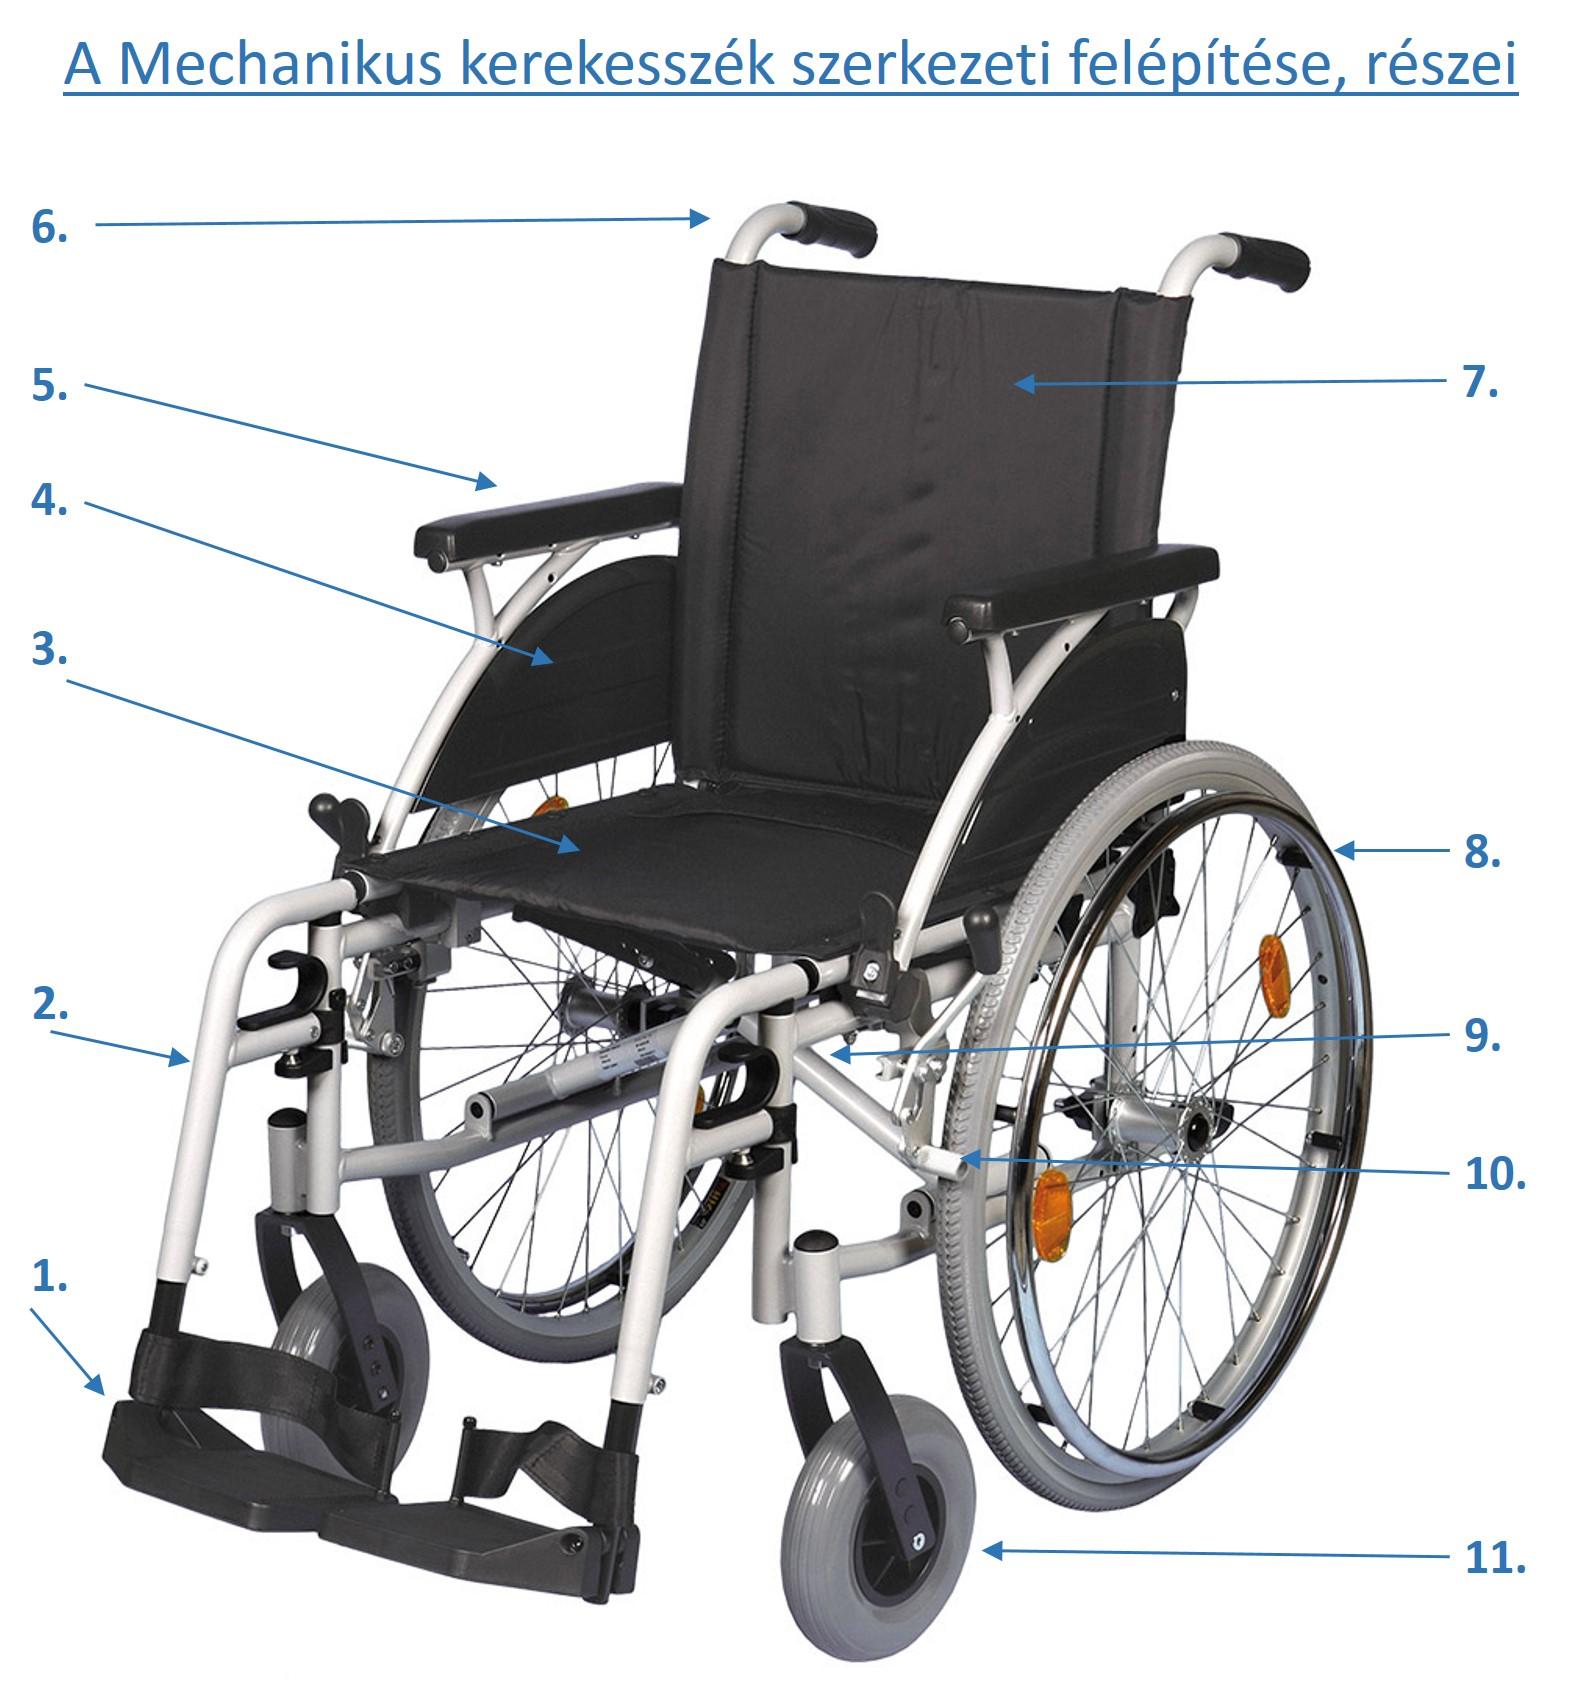 85f79e0600b0 A kerekesszék elsősorban mozgássérült és járóképtelen betegek részére  készül szobai és korlátozottan utcai (szilárd burkolatú akadálymentesített,  ...